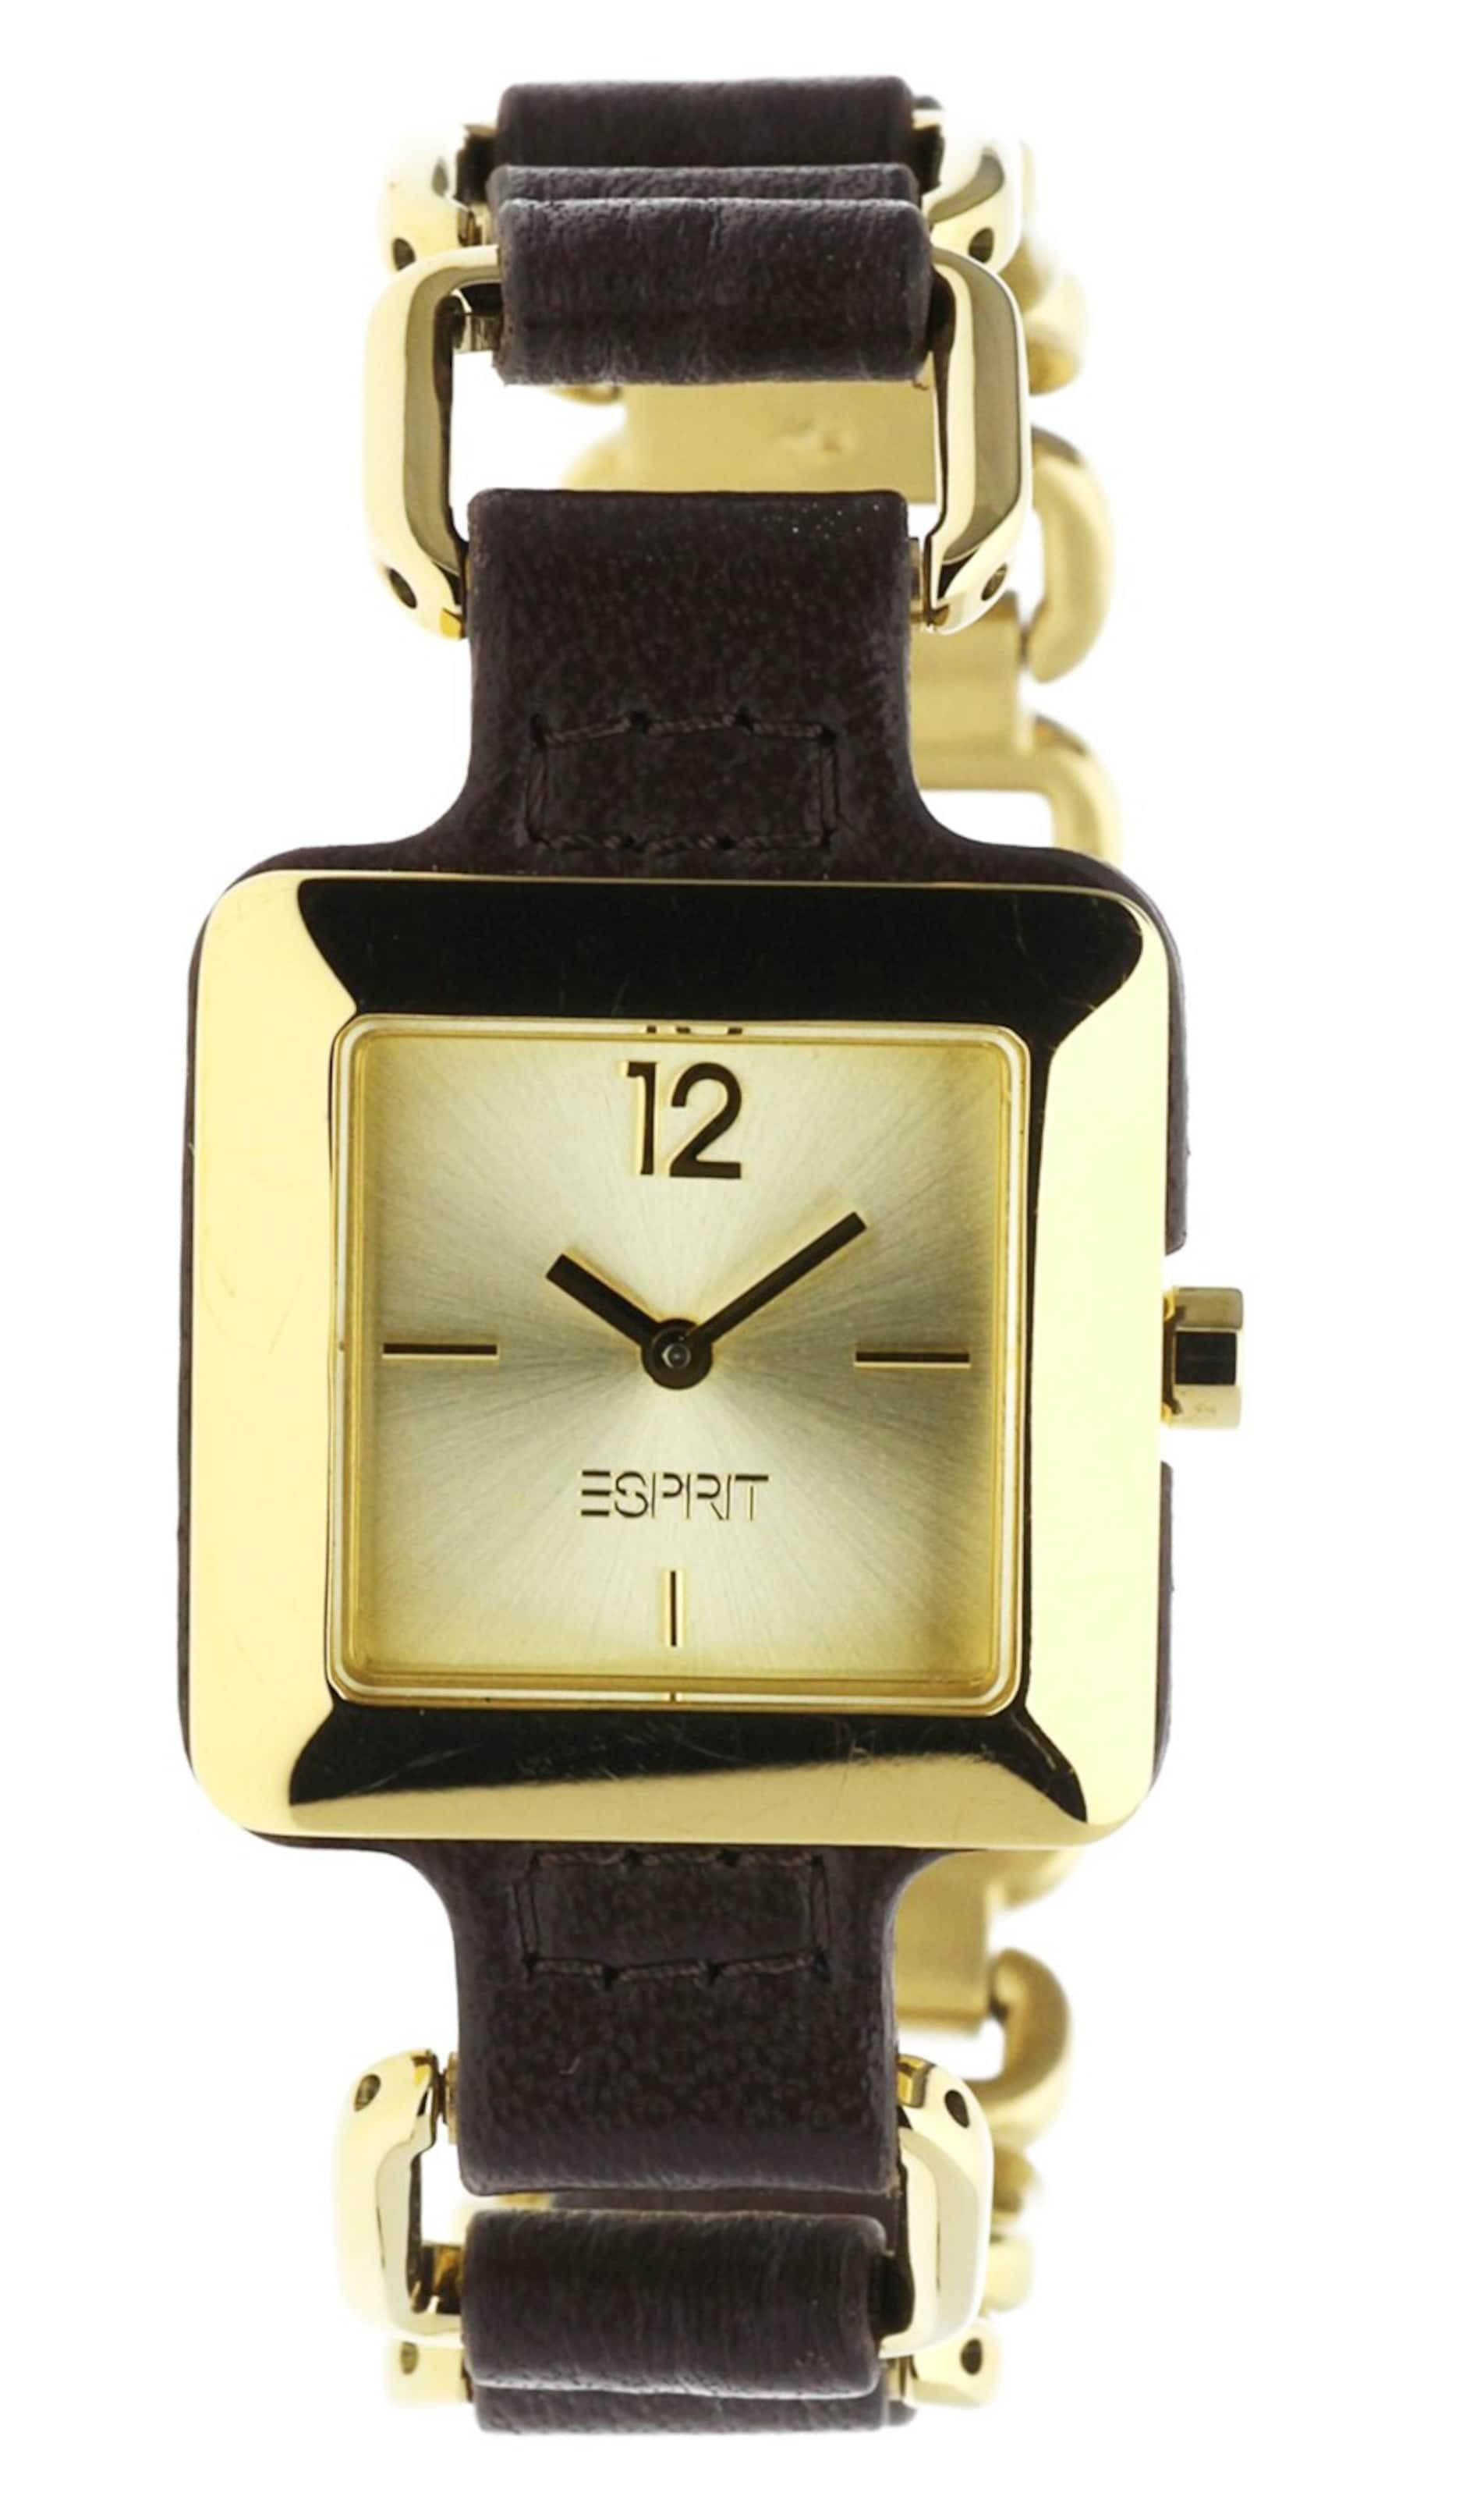 Spielraum Mit Paypal Steckdose Breite Palette Von ESPRIT Armbanduhr 'Puro' Rabatt-Codes Wirklich Billig PPFVBRQaH